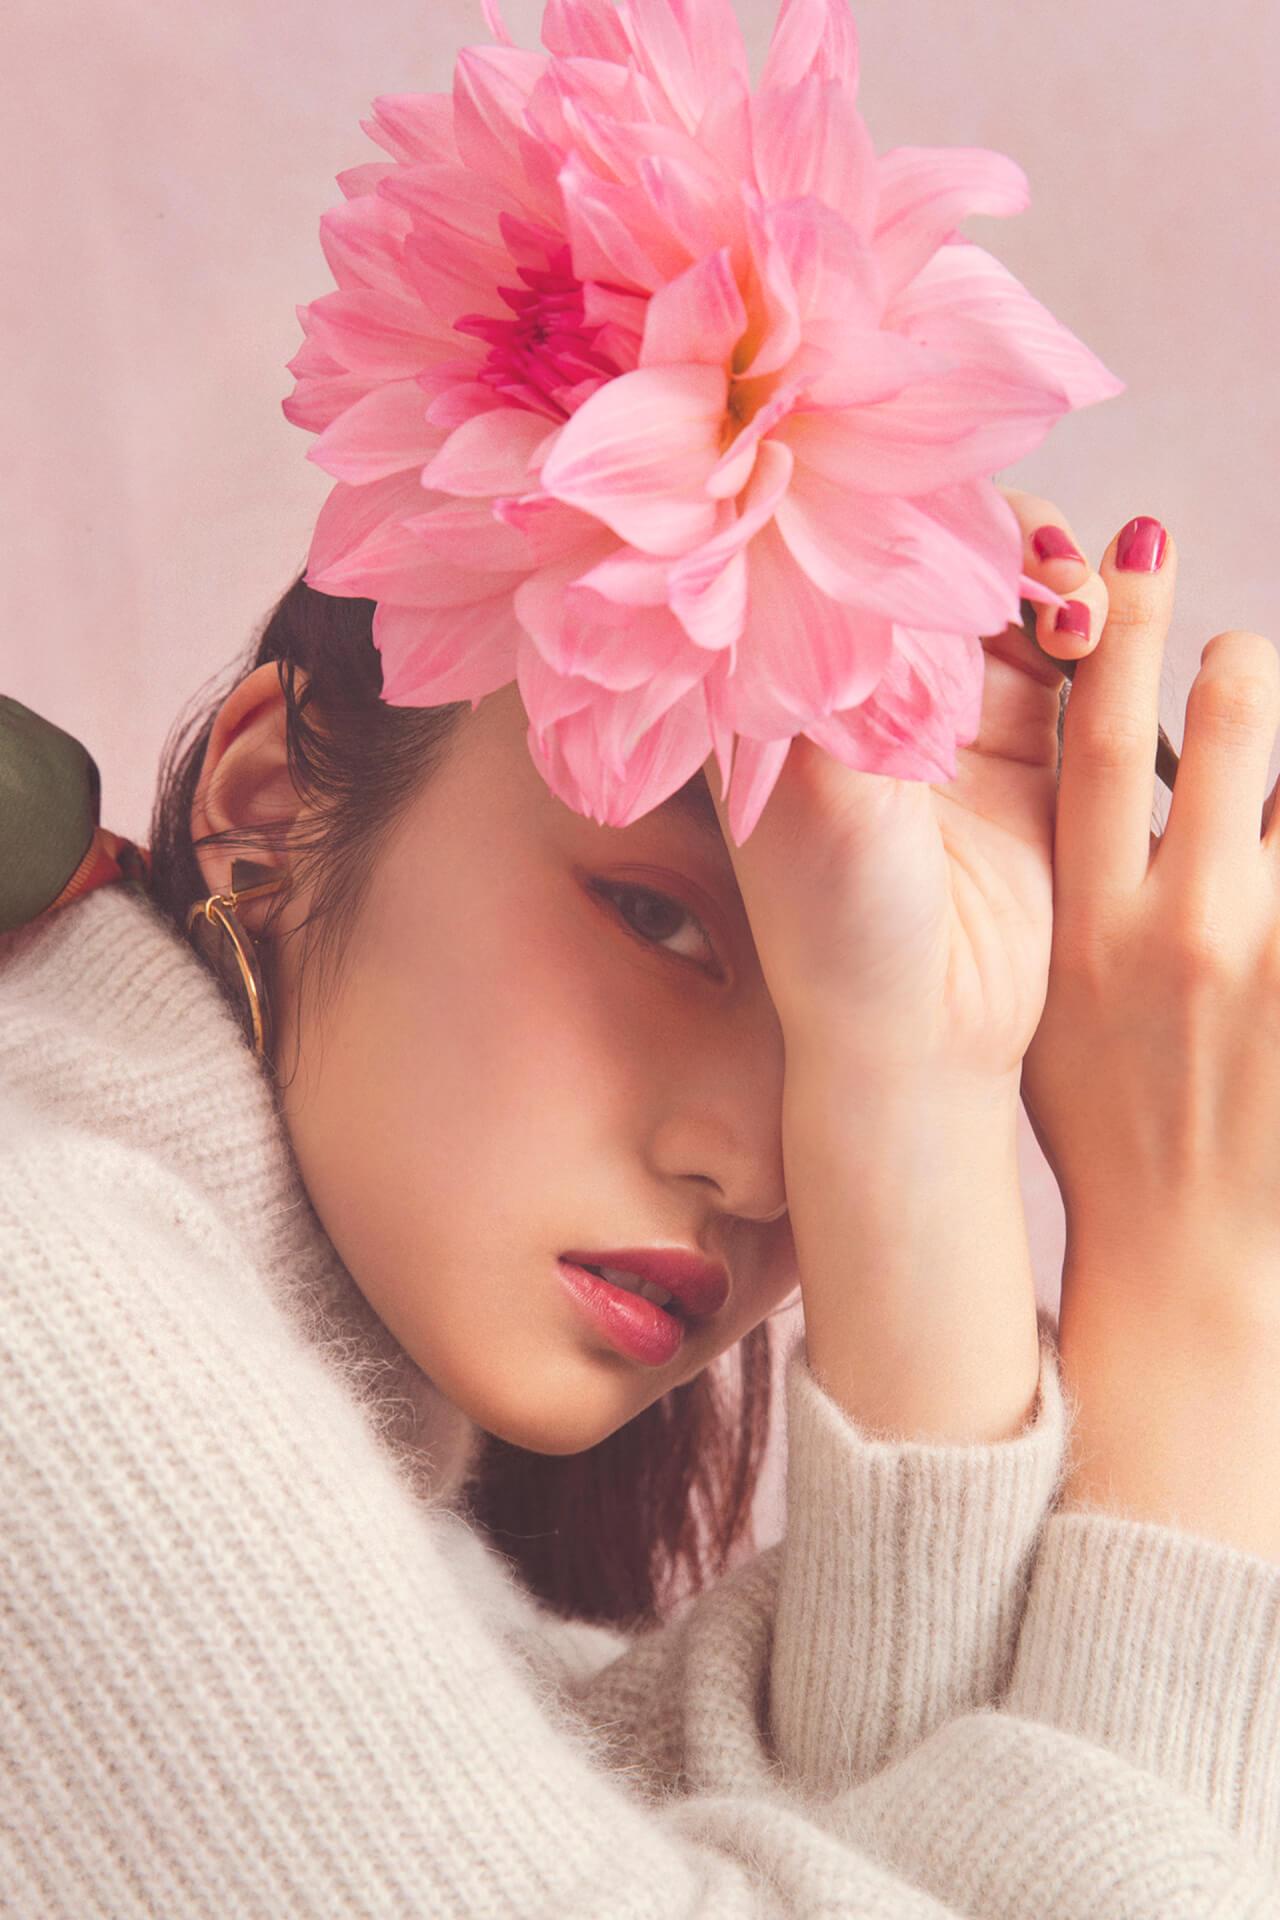 GRLが女優・今田美桜を起用した2019年秋冬ビジュアルを公開|今田美桜からのコメントも到着 lifefashion_1108_grl_9